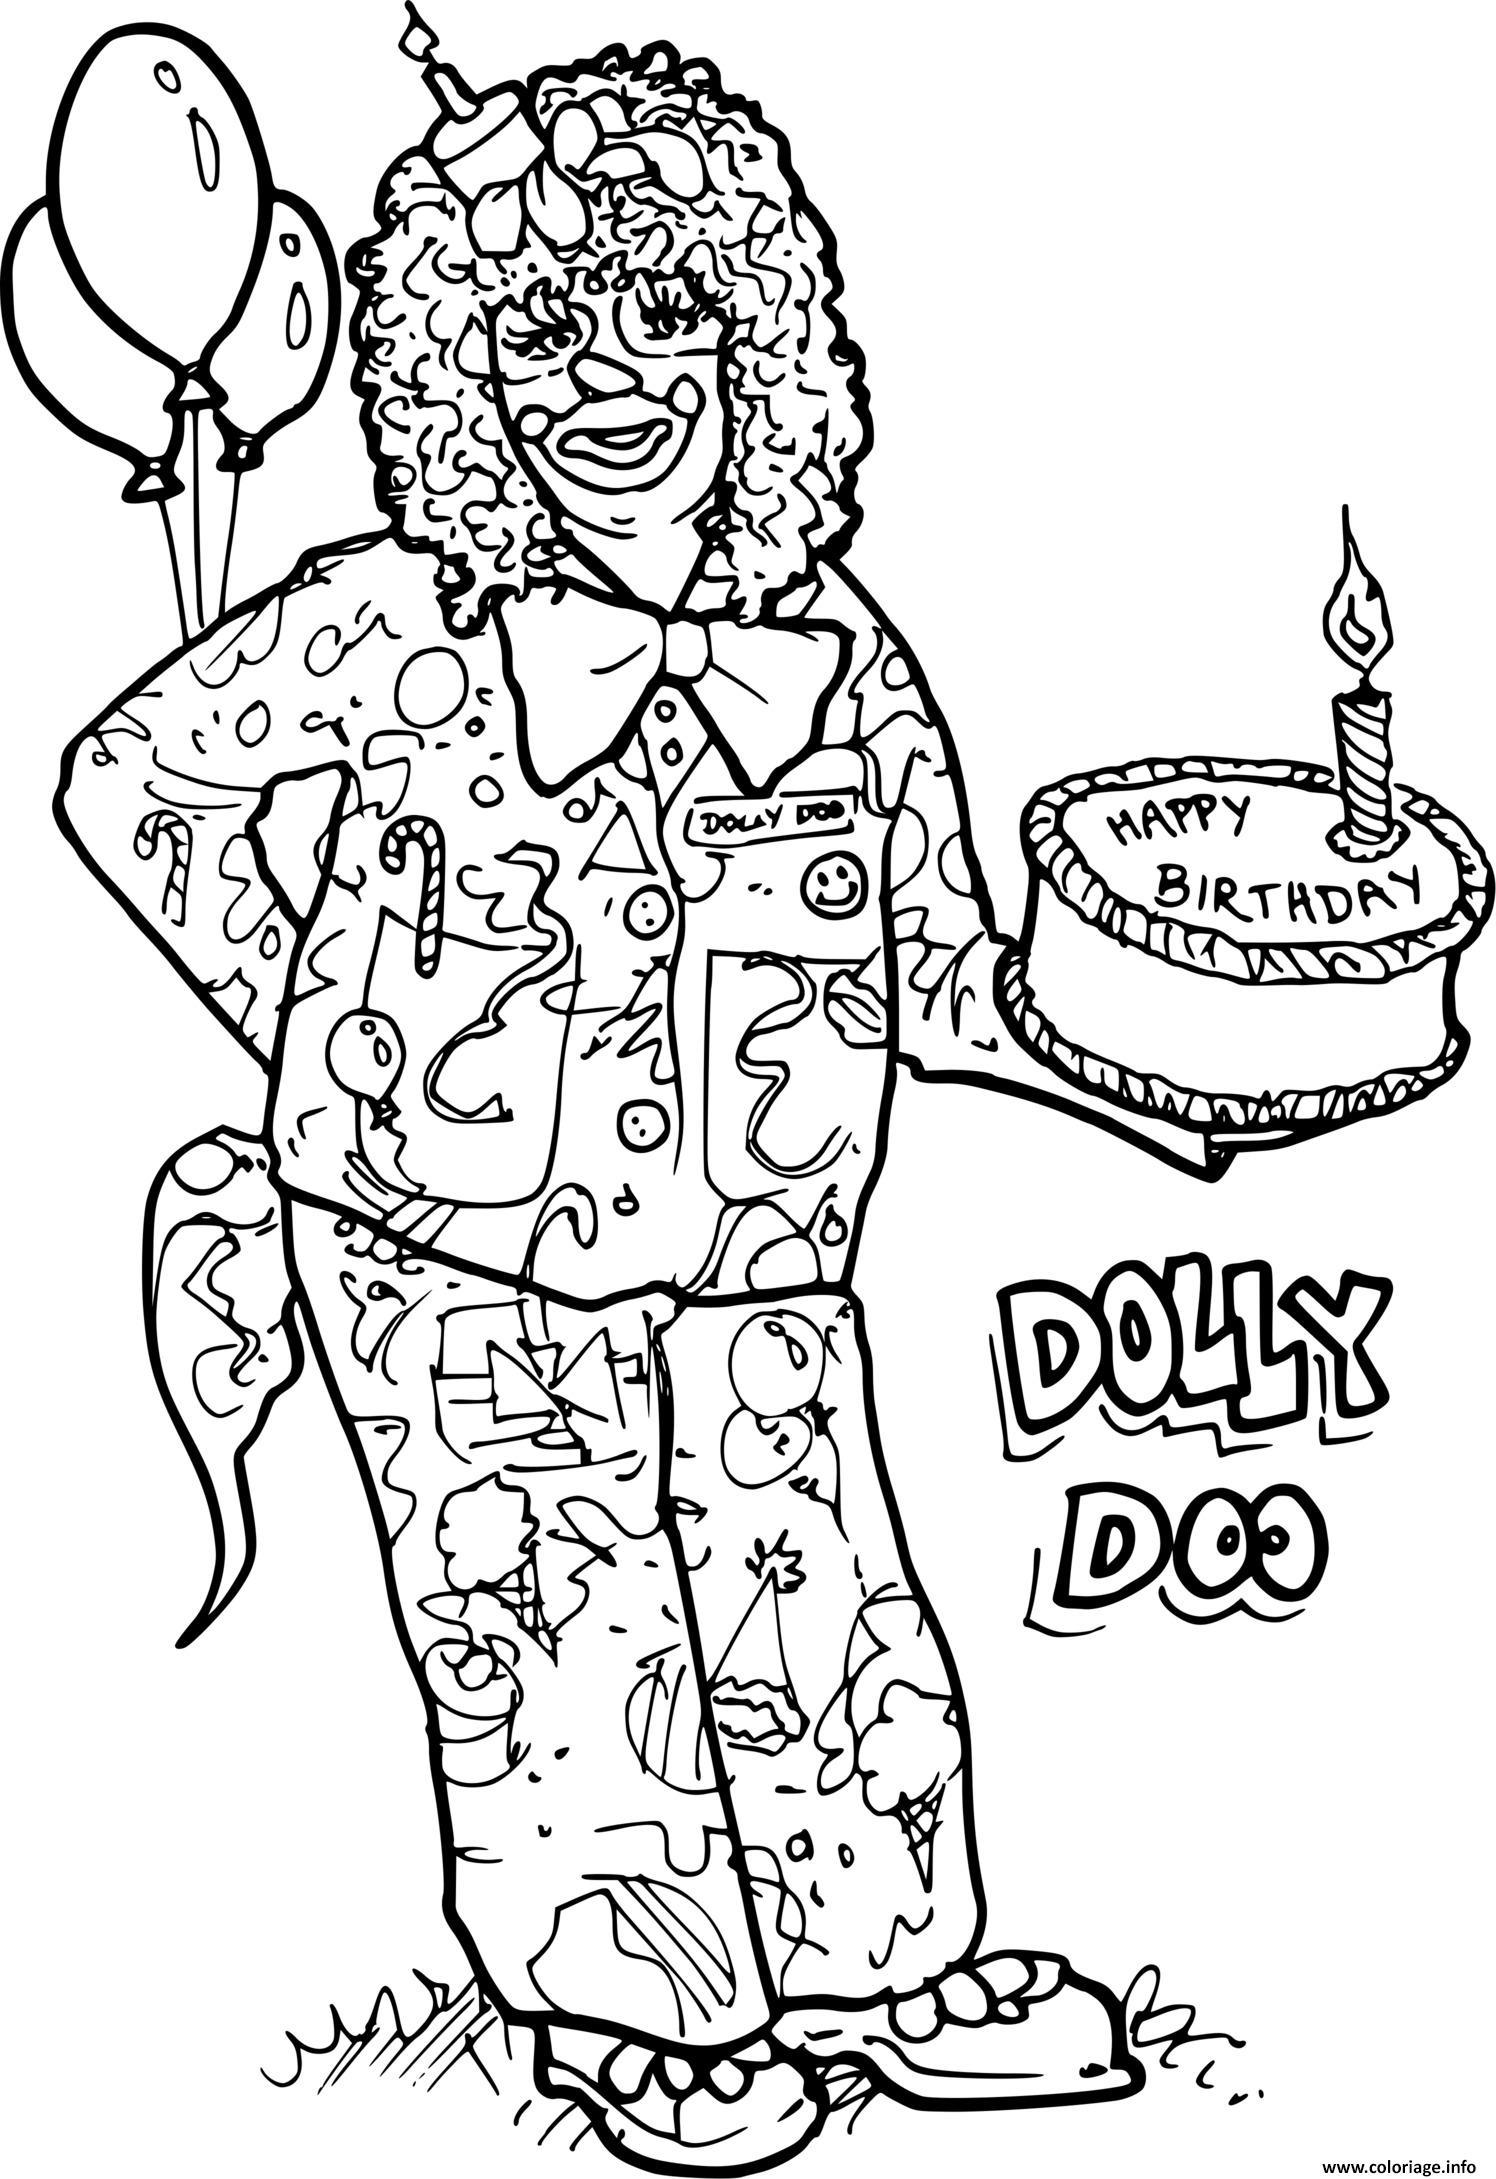 Dessin clown avec un gateau d anniversaire Coloriage Gratuit à Imprimer